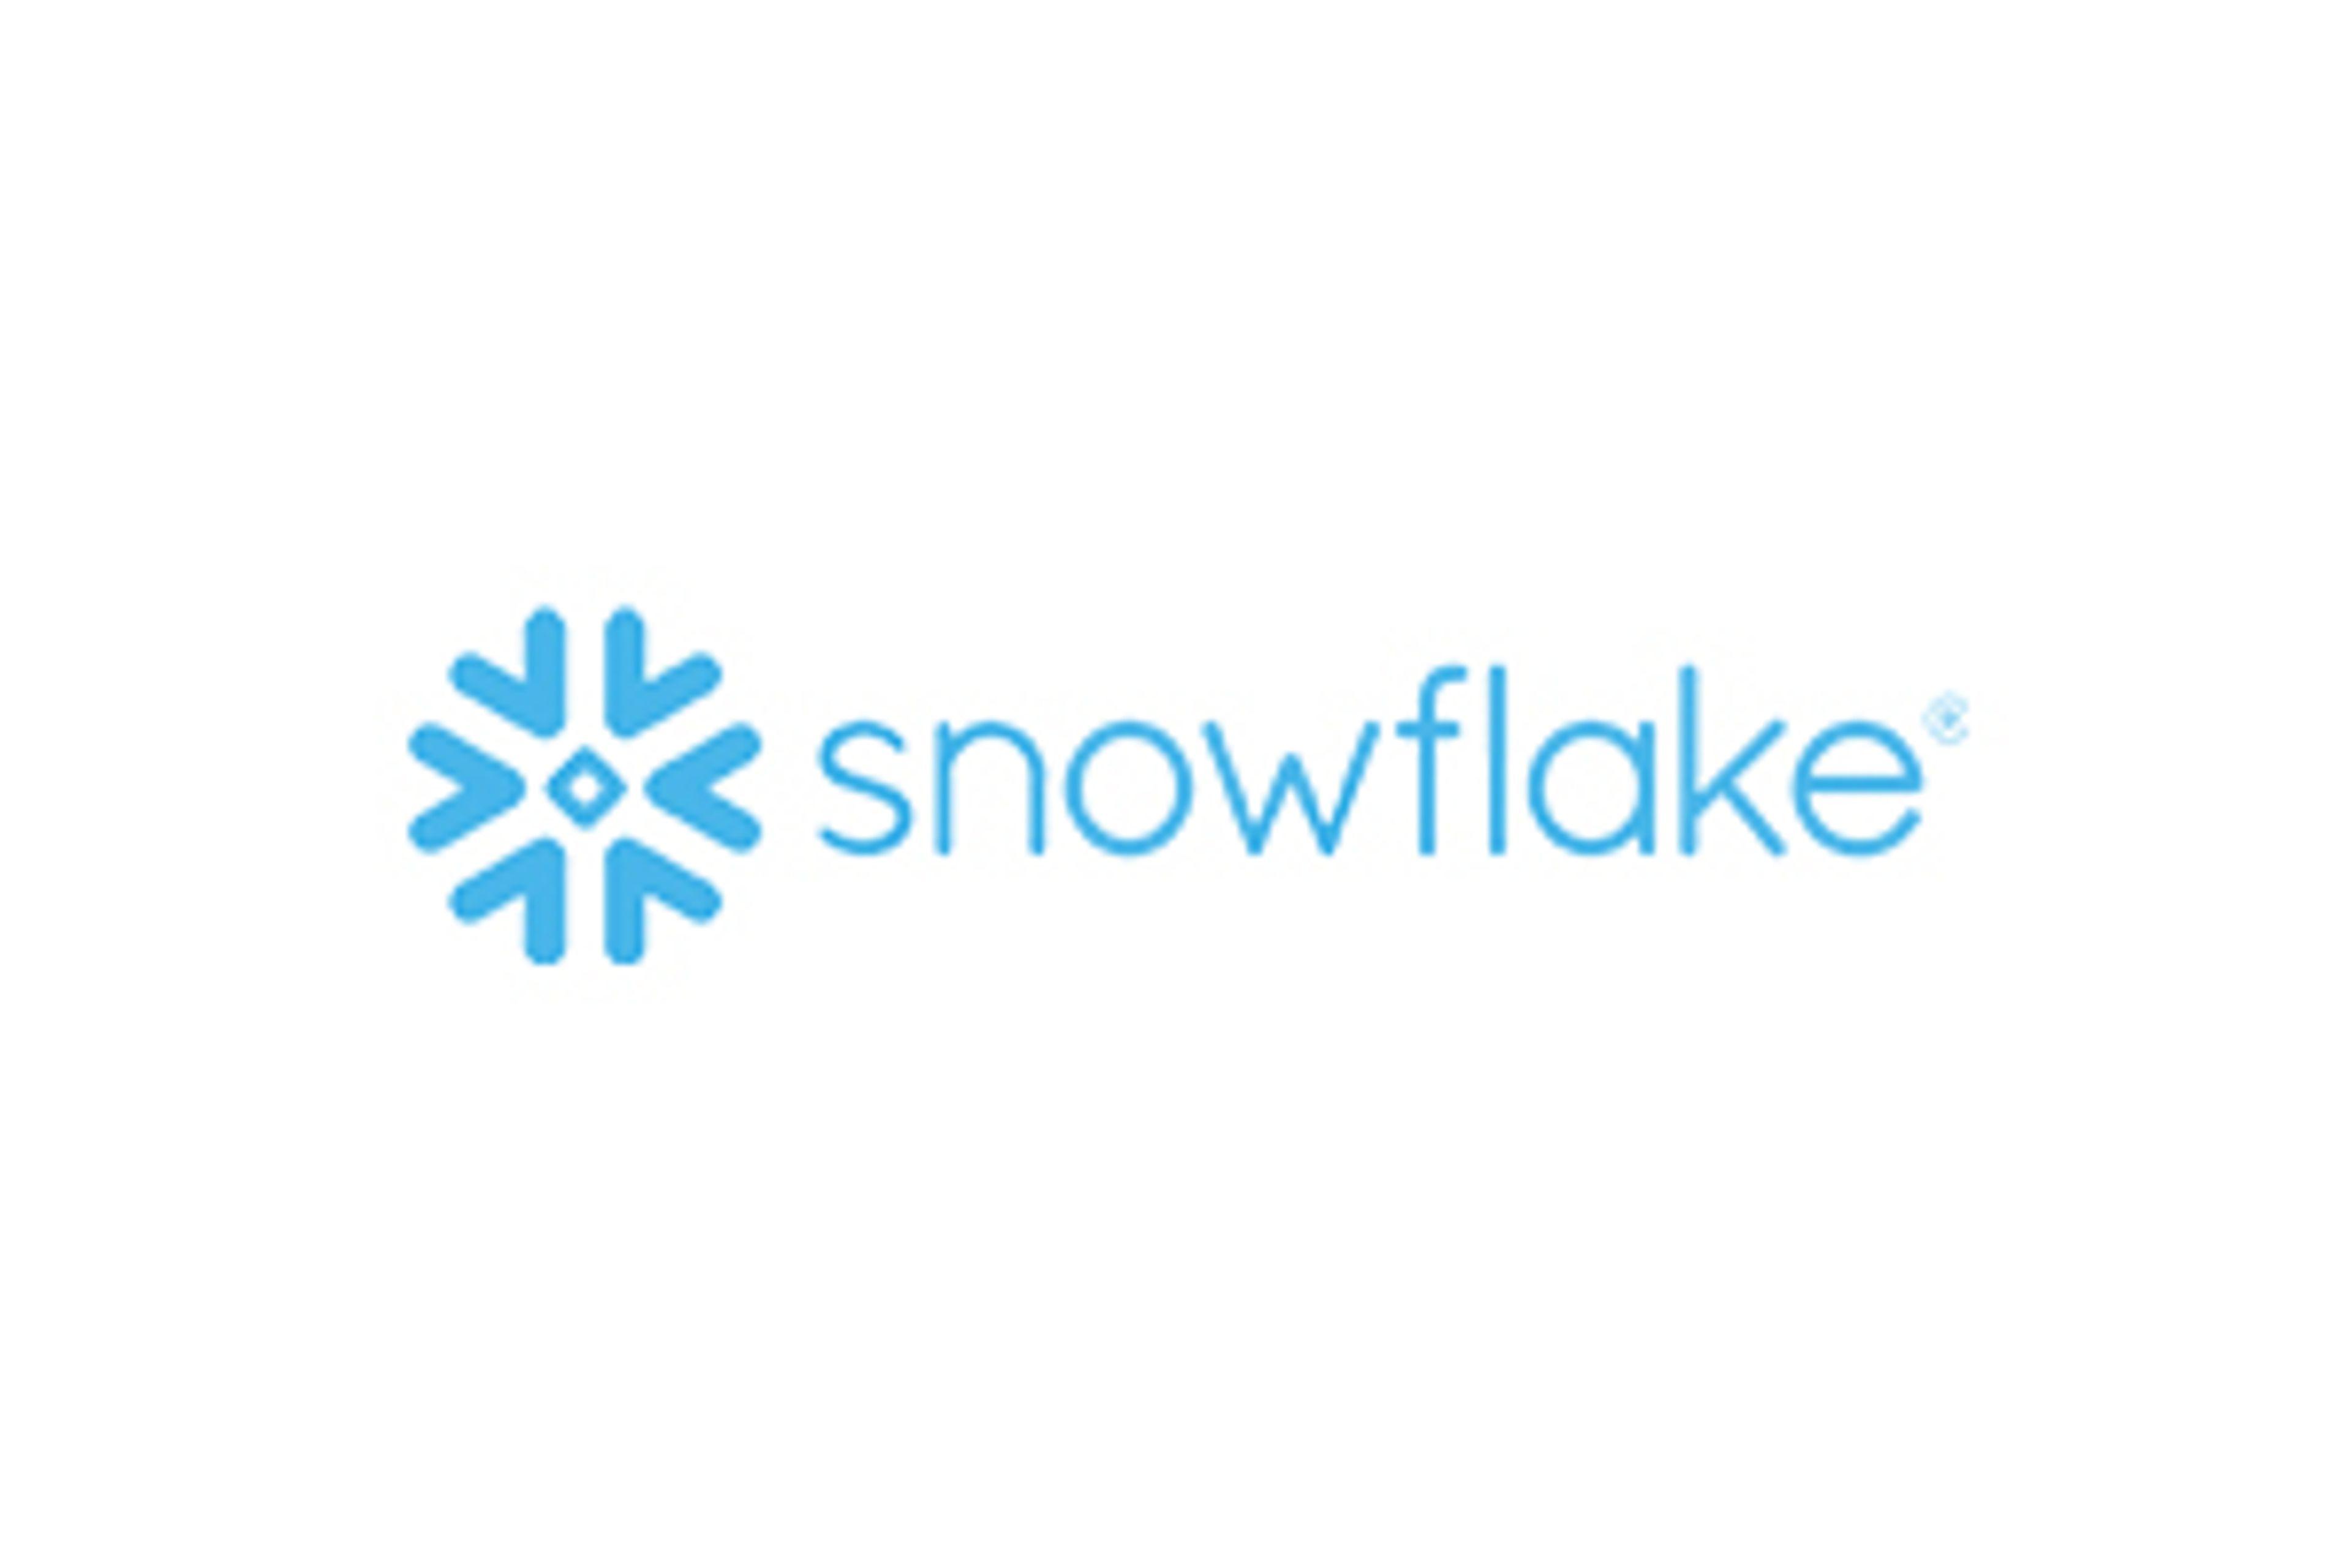 Snowflake est le premier Data Warehouse sur le cloud